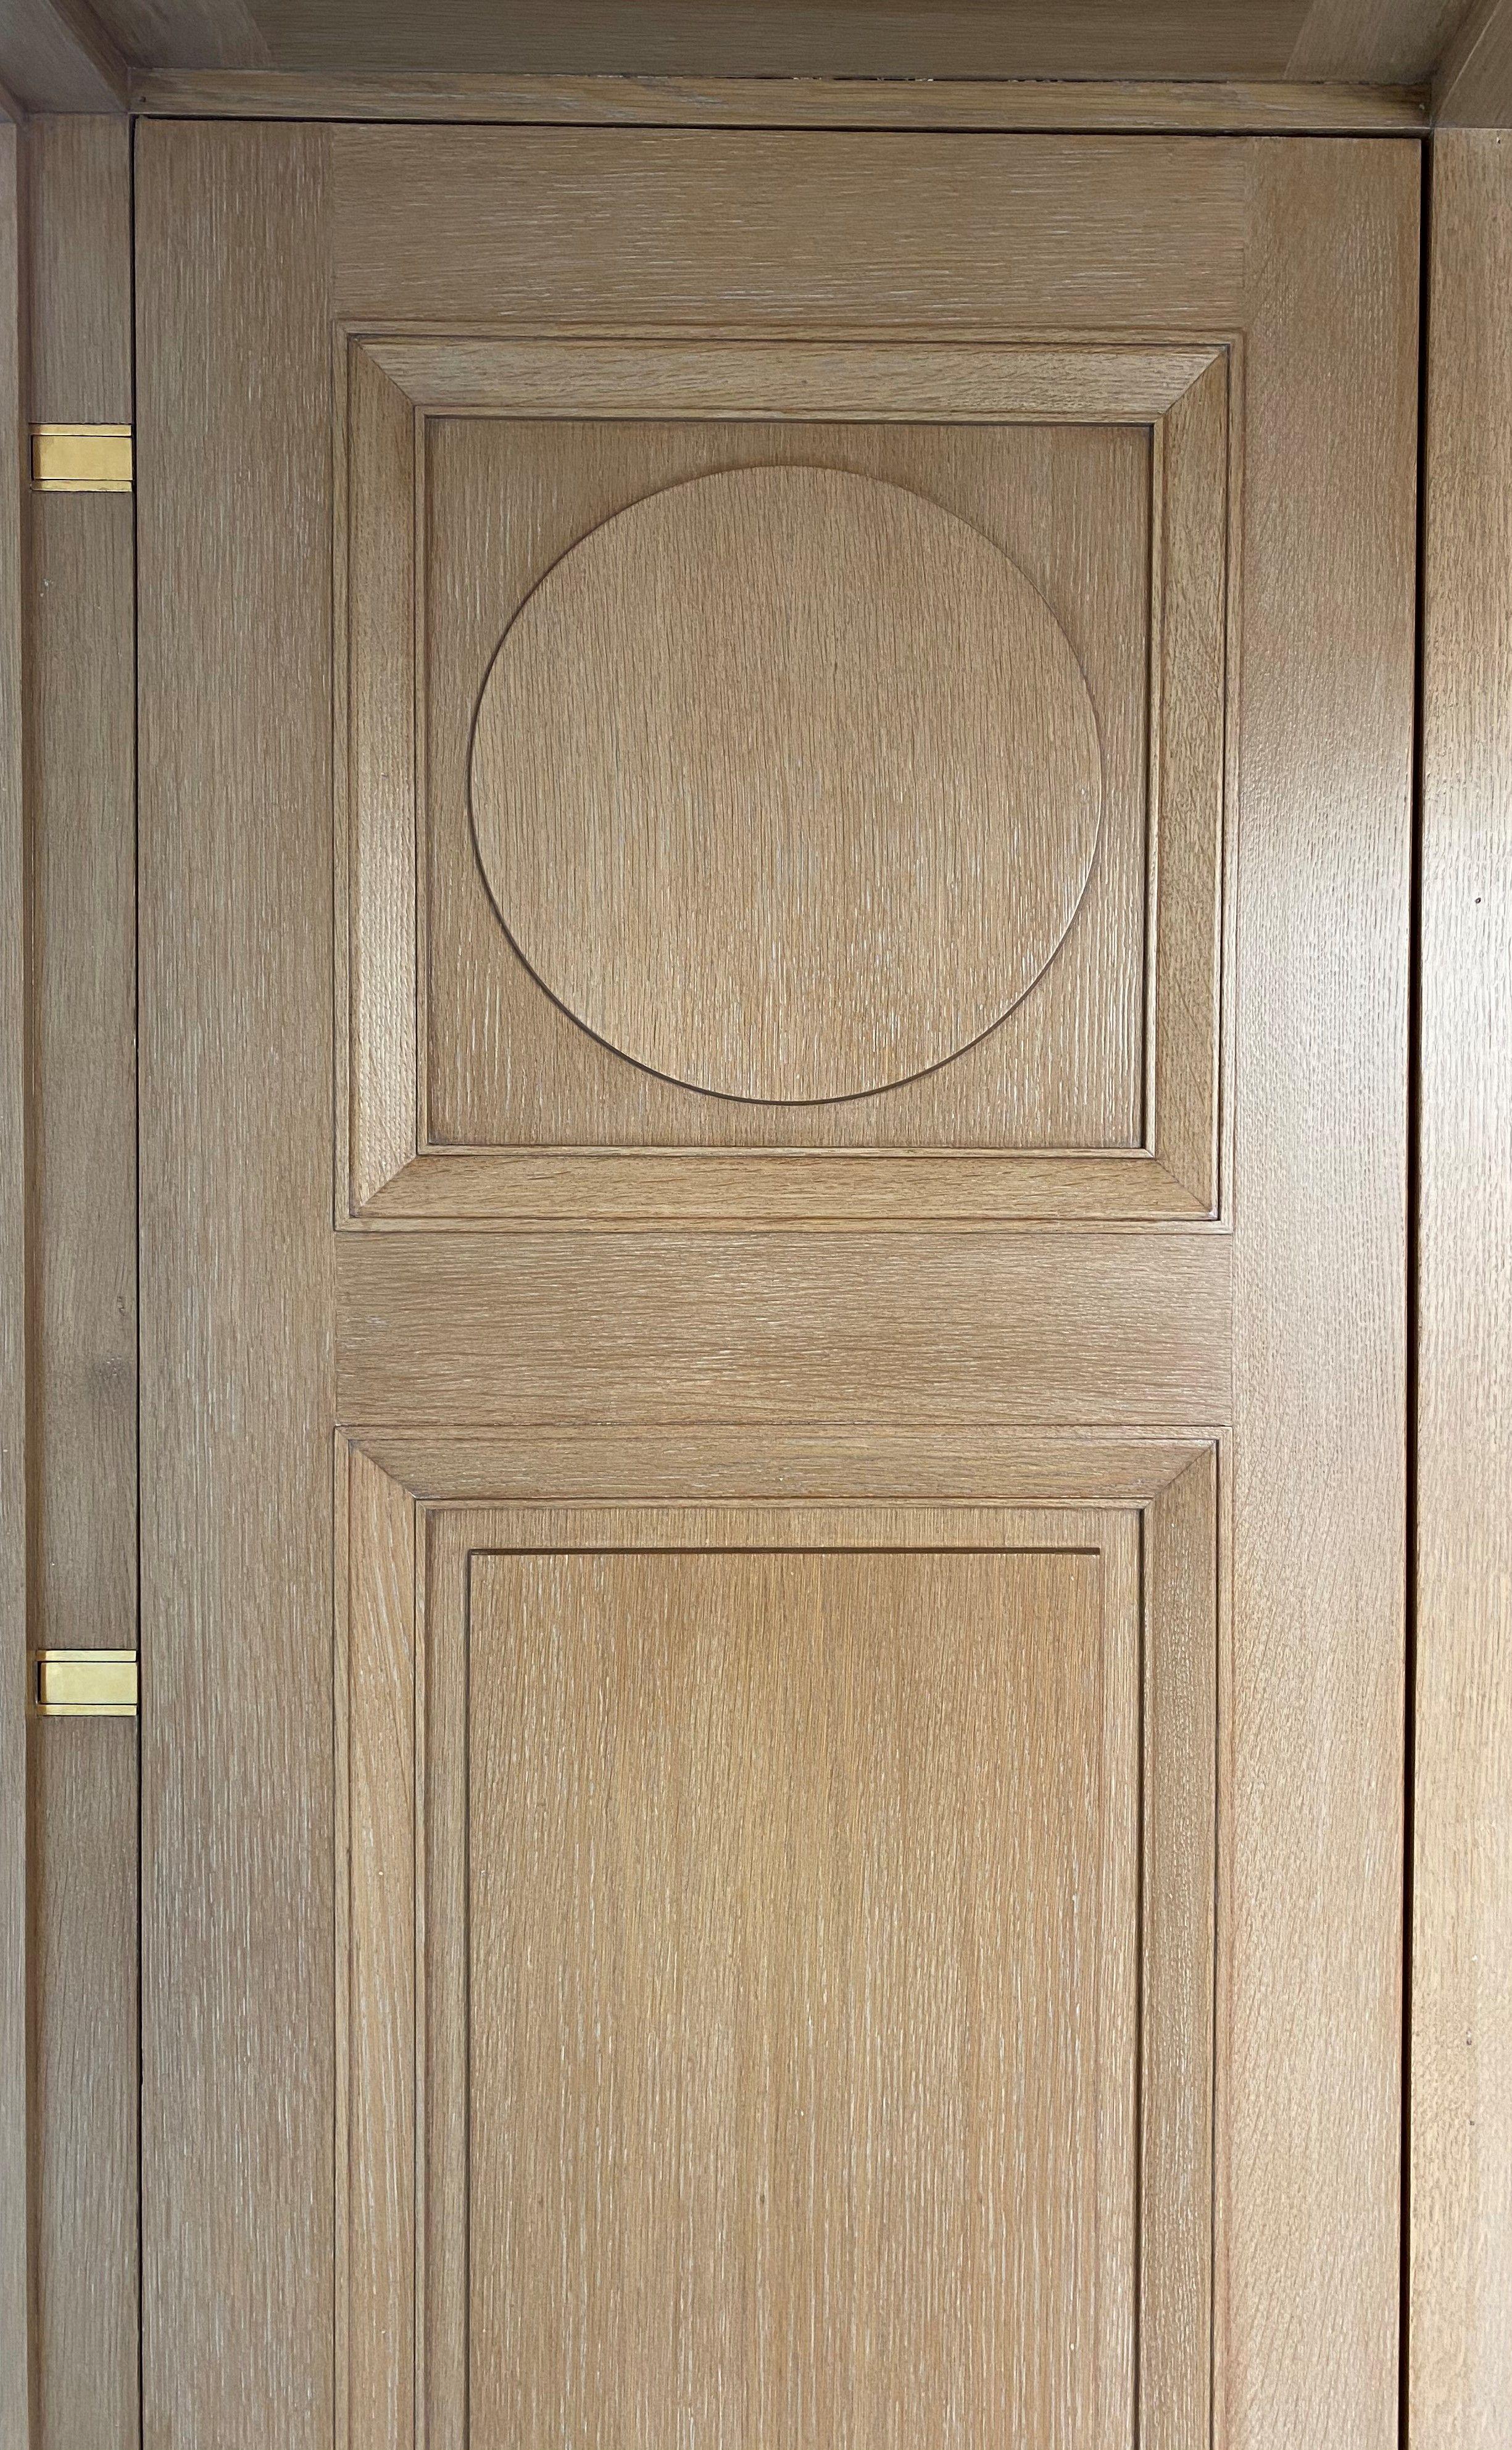 bmc interior doors on pin on details doors pin on details doors